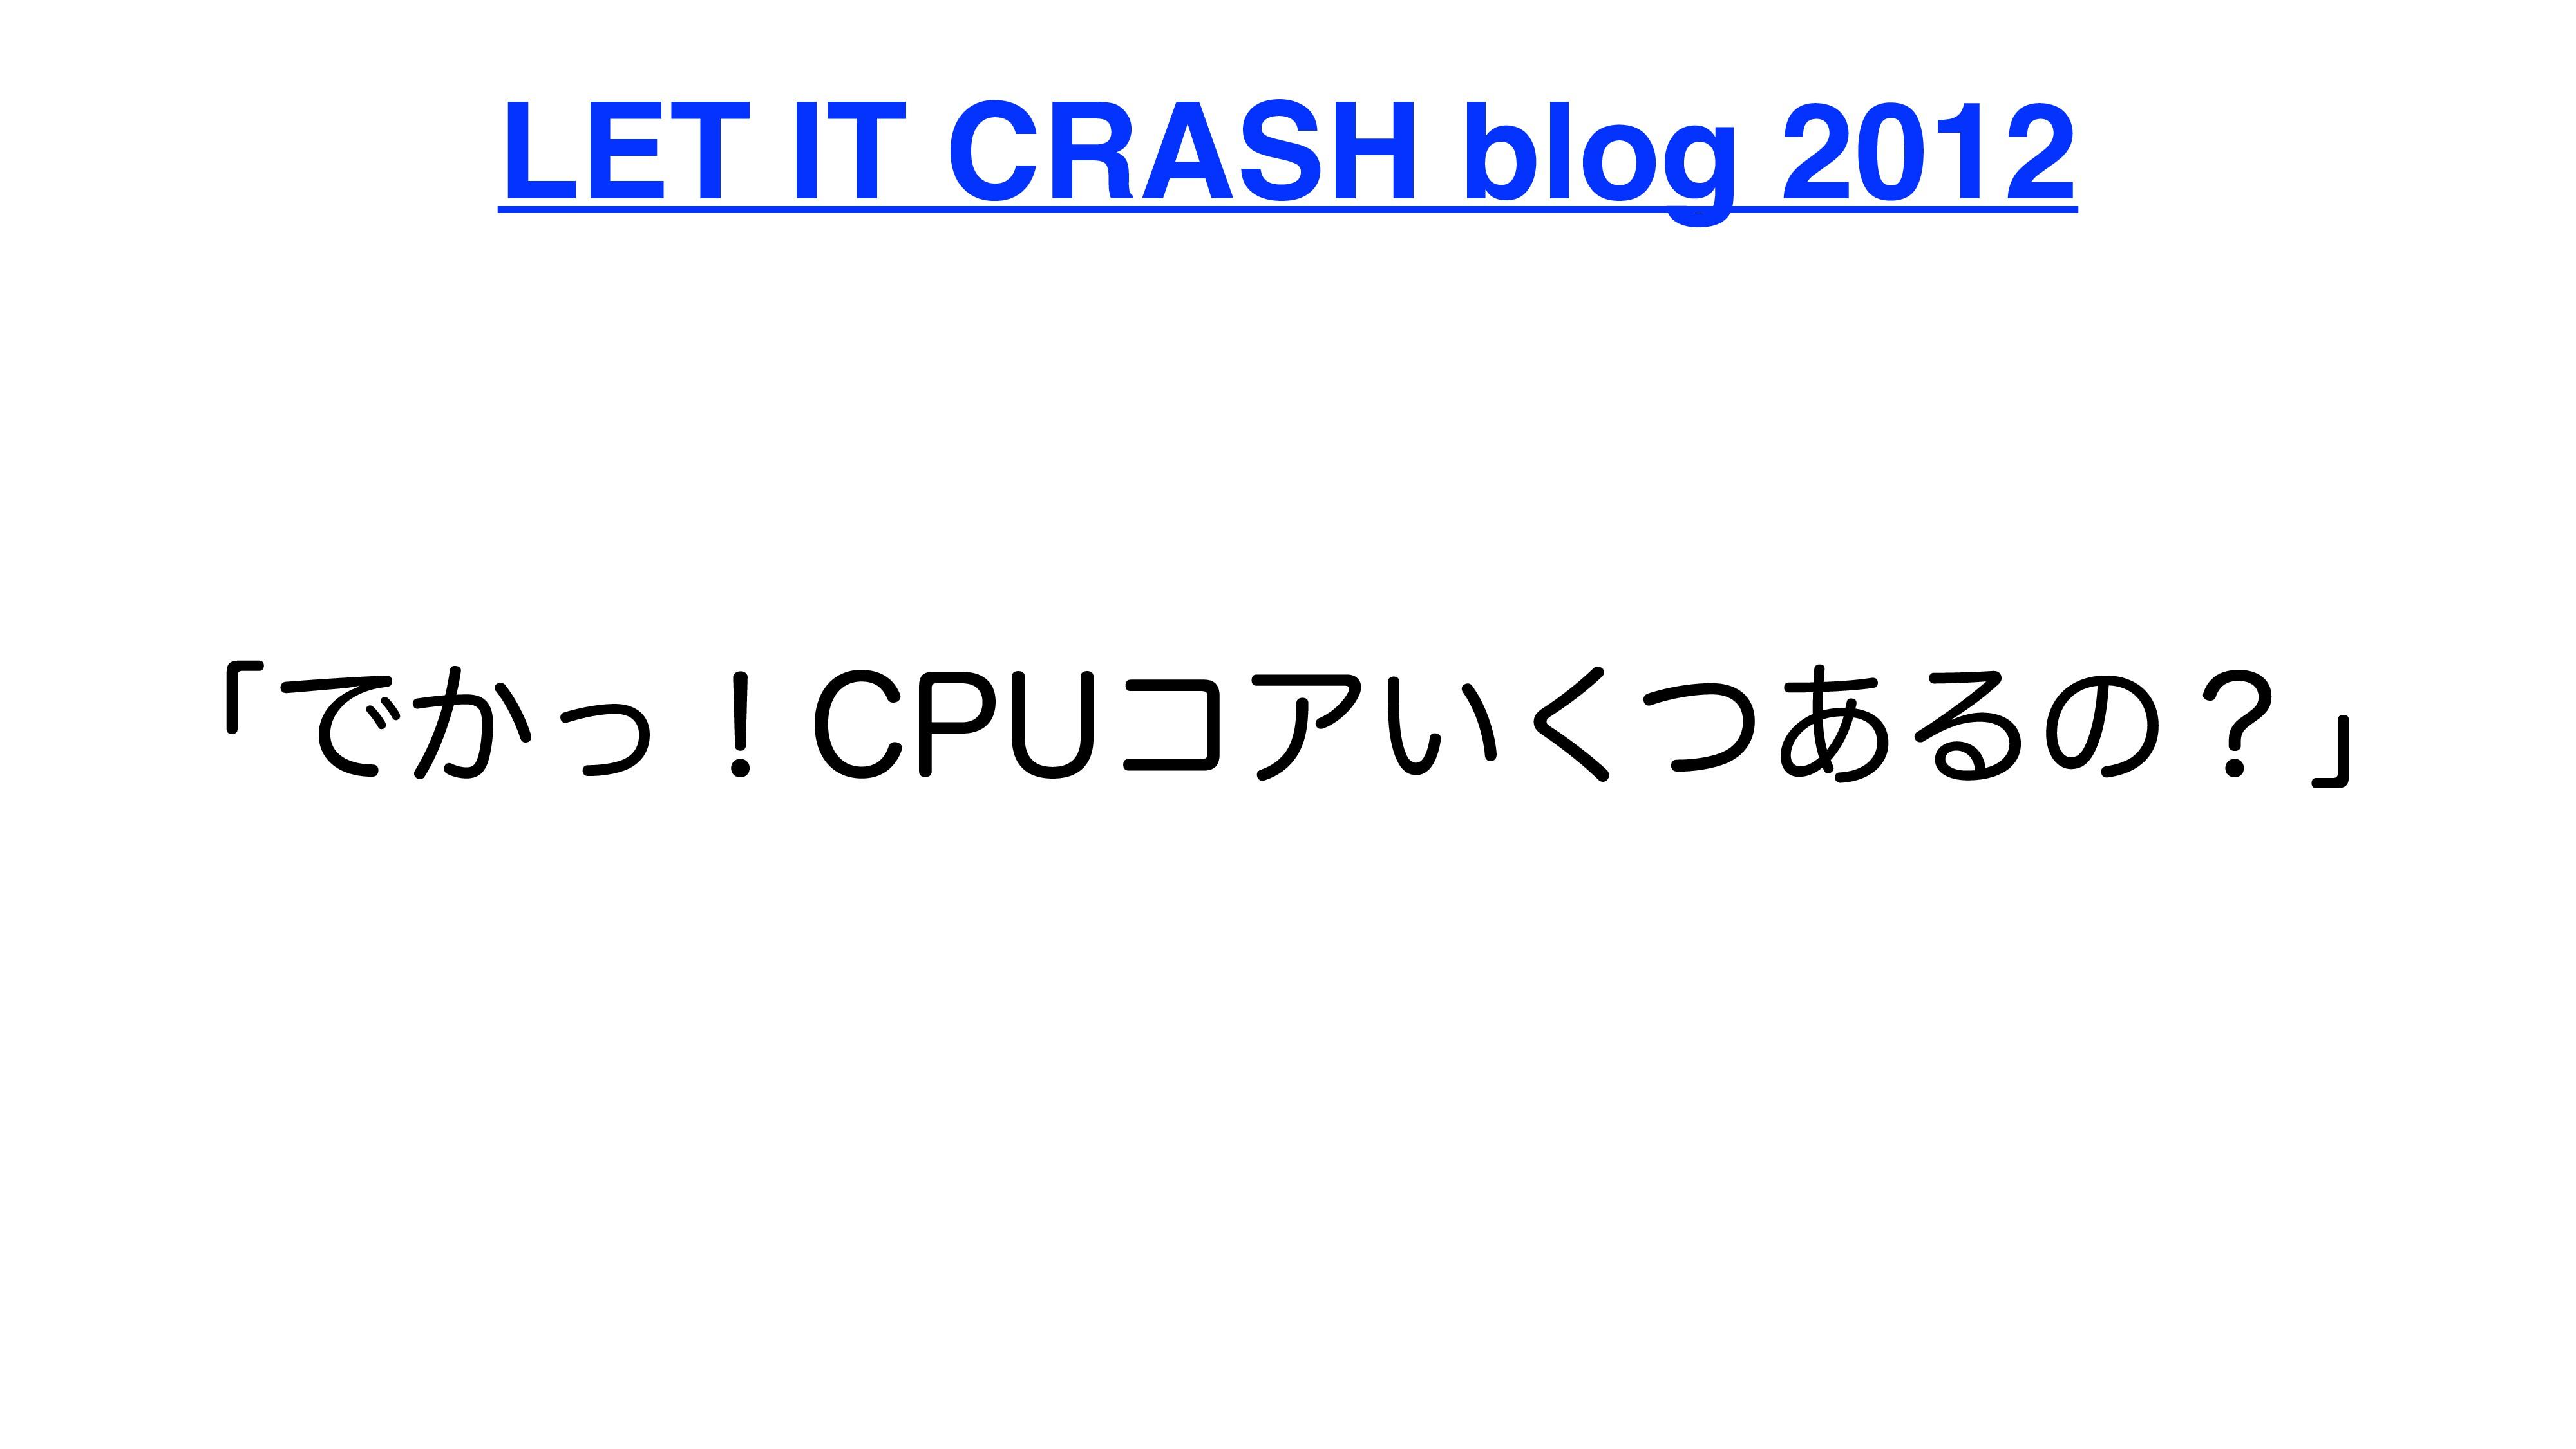 LET IT CRASH blog 2012 ʮͰ͔ͬʂ$16ίΞ͍ͭ͋͘Δͷʁʯ